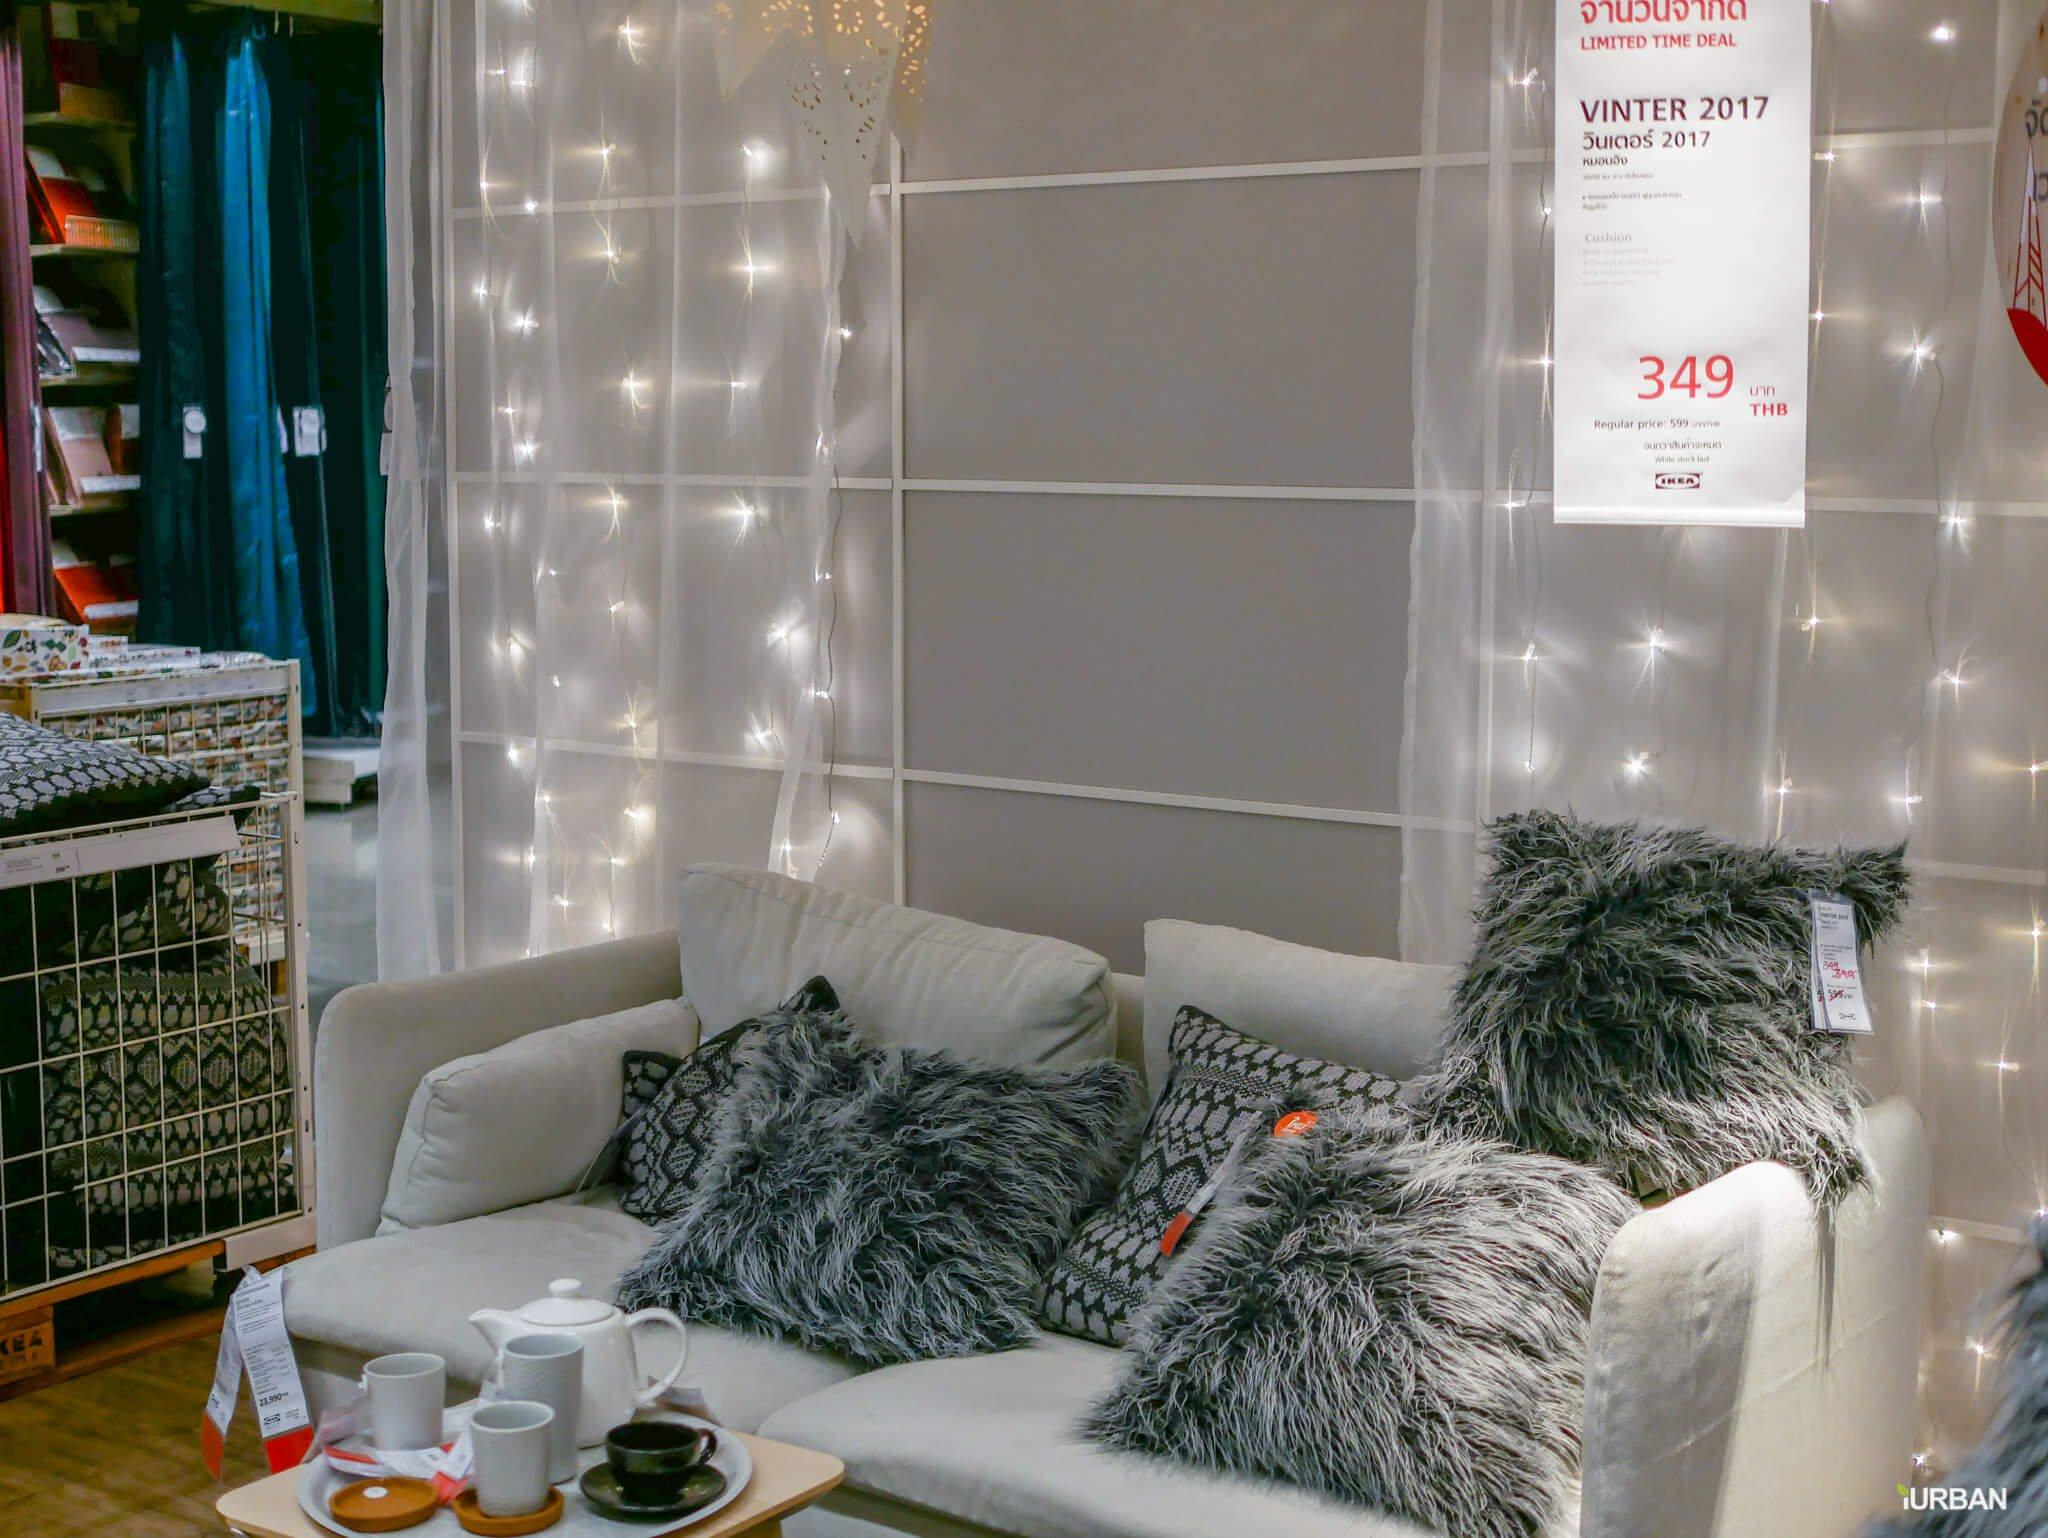 มันเยอะมากกกก!! IKEA Year End SALE 2017 รวมของเซลในอิเกีย ลดเยอะ ลดแหลก รีบพุ่งตัวไป วันนี้ - 7 มกราคม 61 147 - IKEA (อิเกีย)